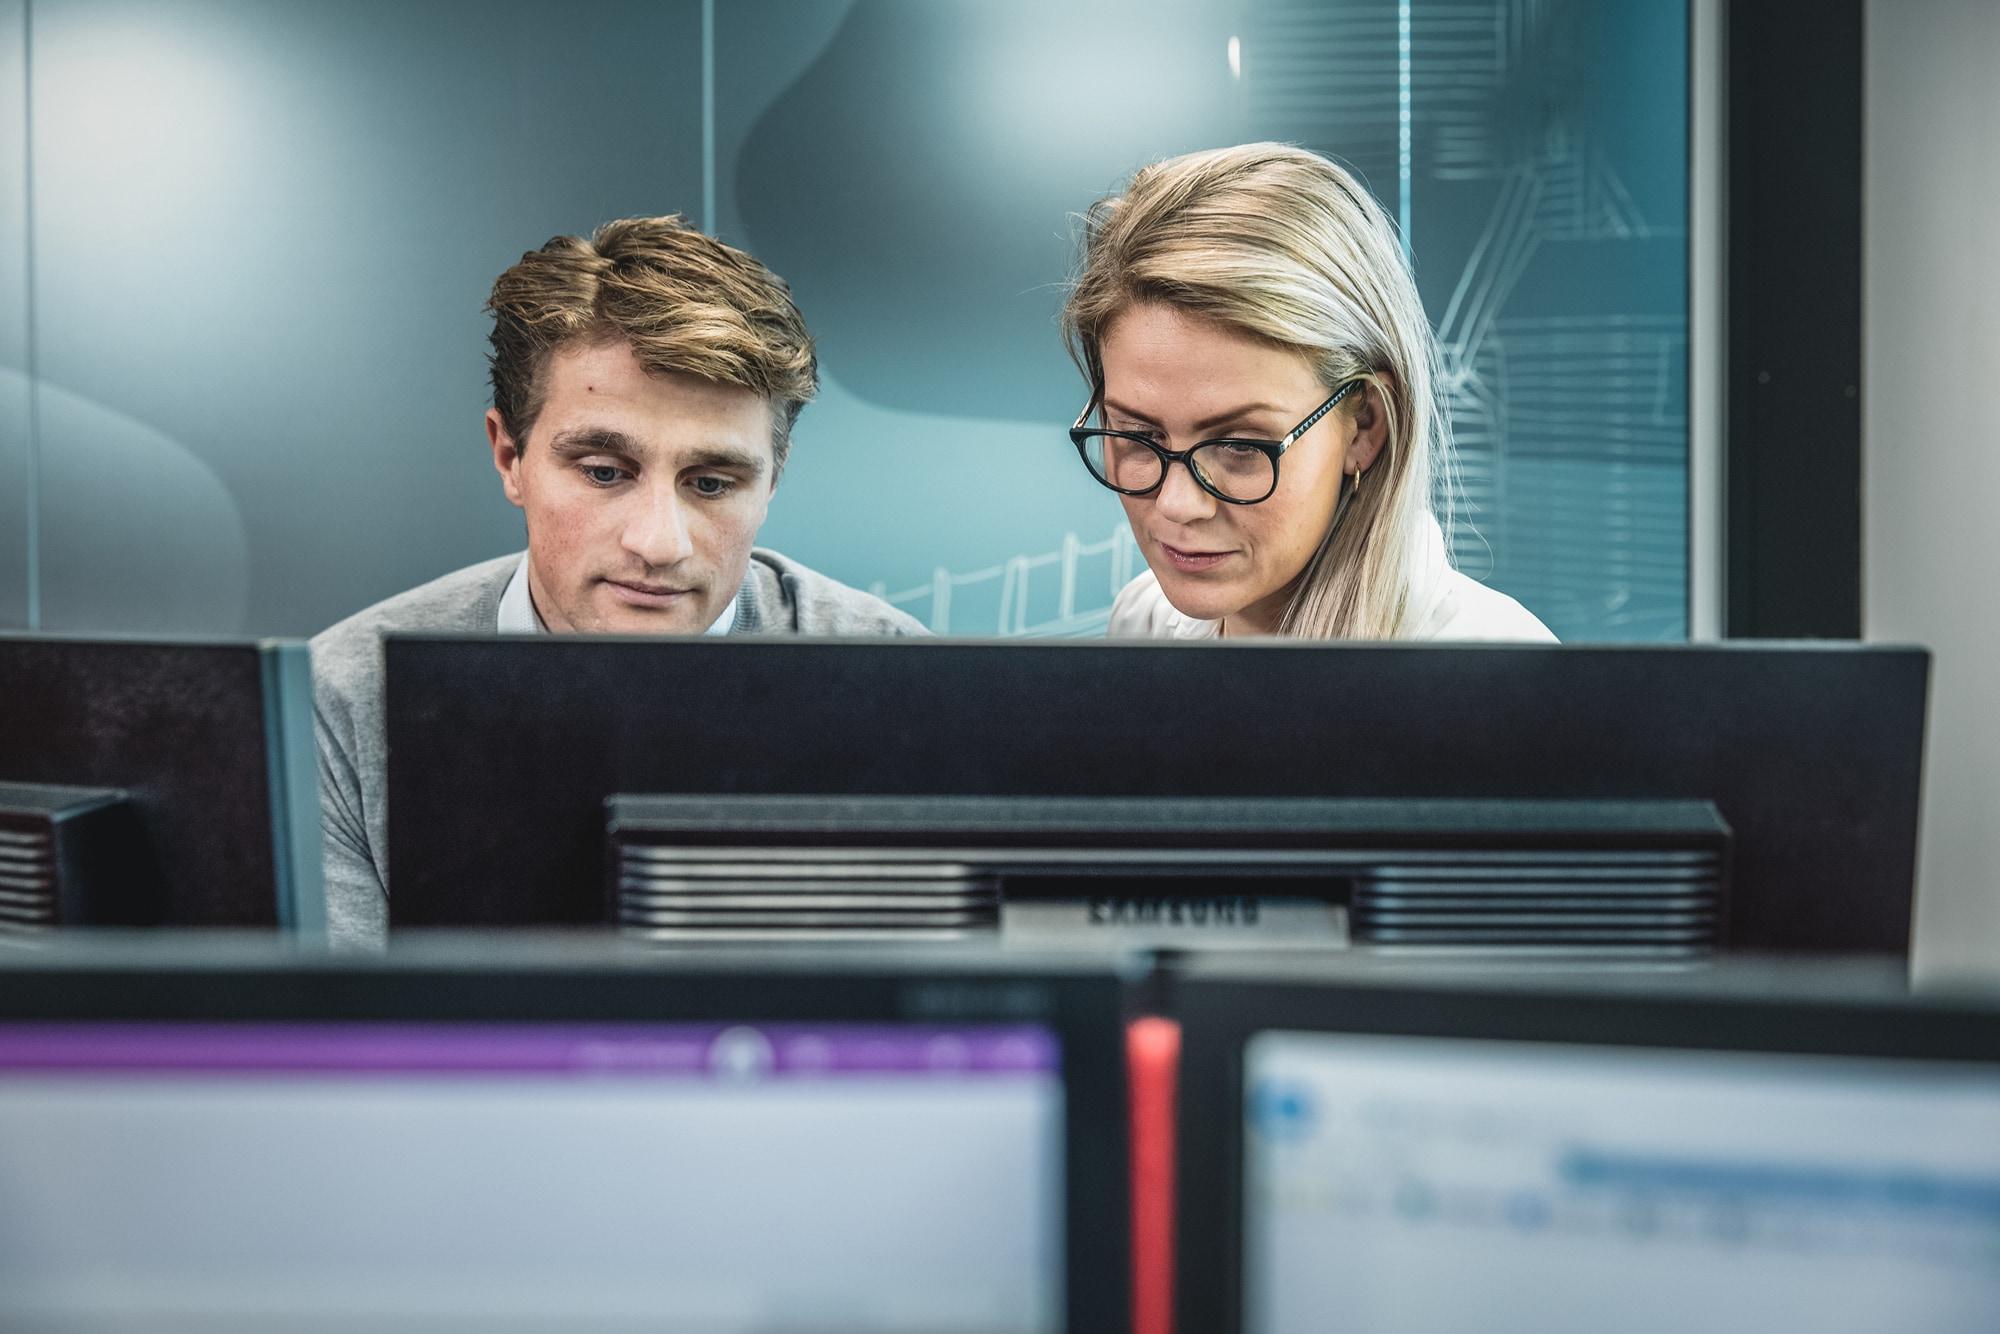 En mann og en dame jobber konsentrert foran pc-skjermer i kontorlandskap hos Inventura.